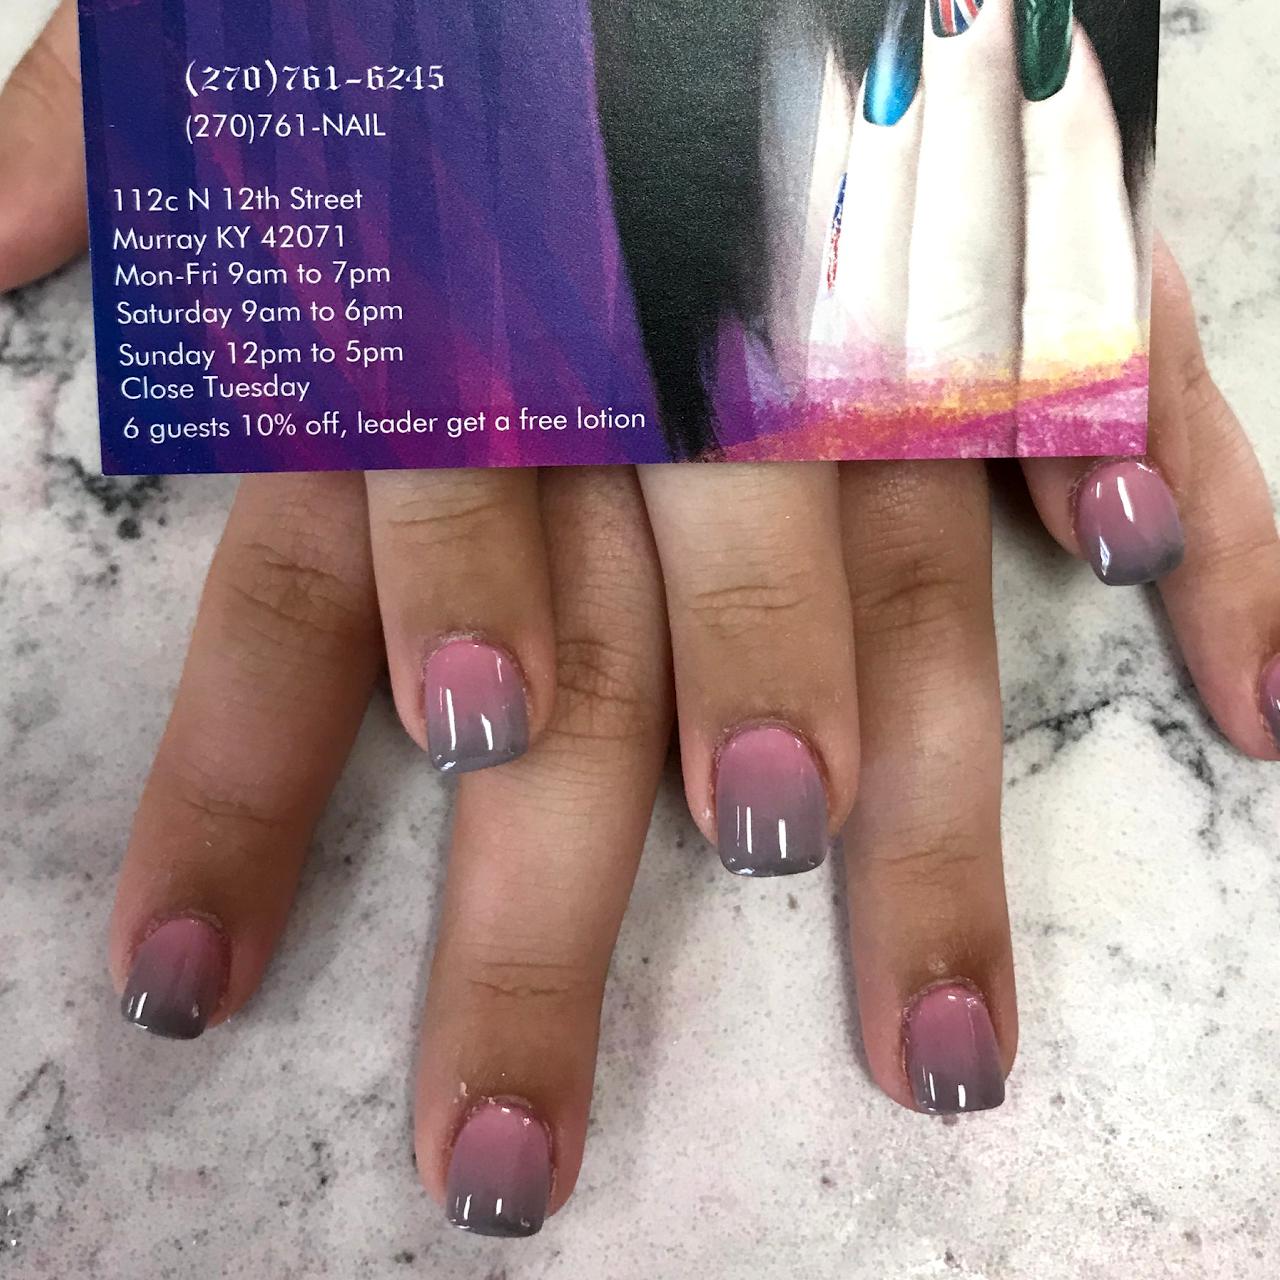 Nails Art Nail Salon And Spa